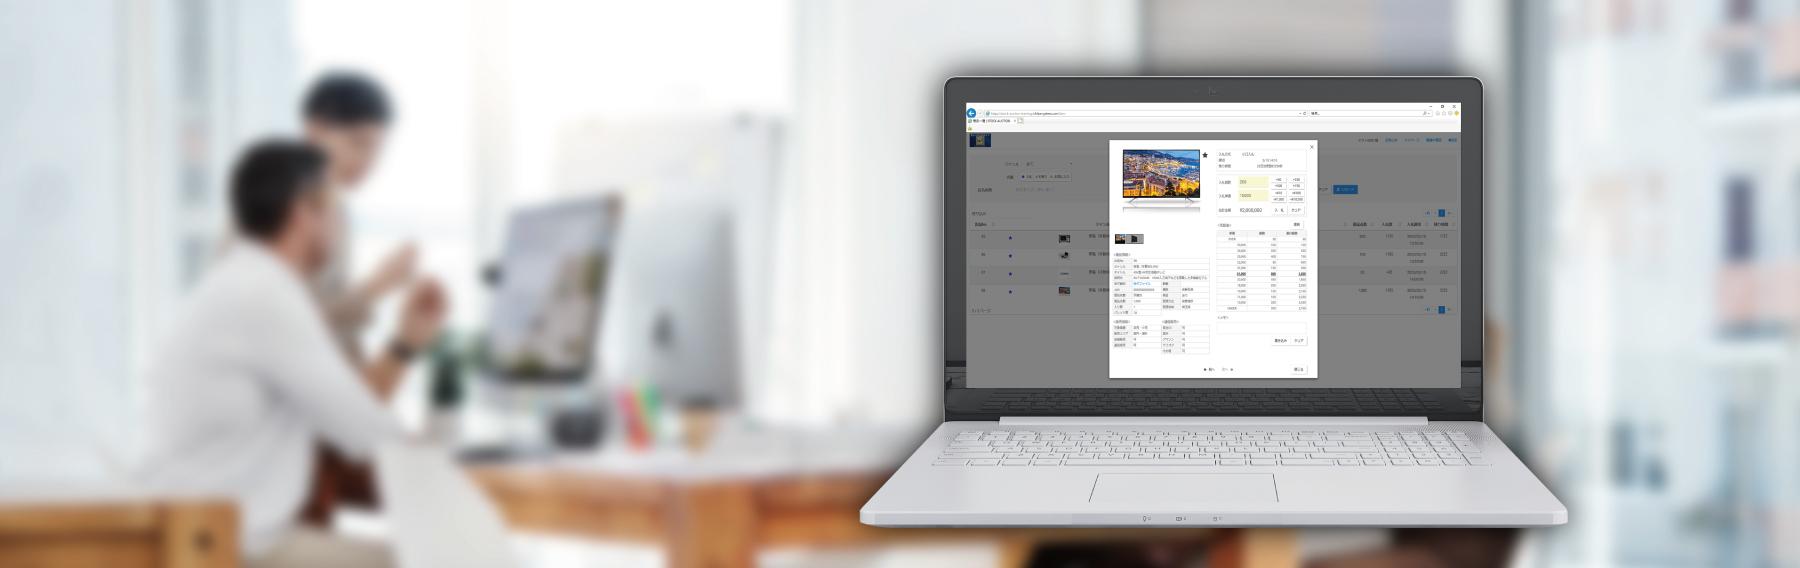 過剰在庫の事業者間オークション「Sオク」 2020年9月30日まで、出品者様にサービスを無償提供 画像